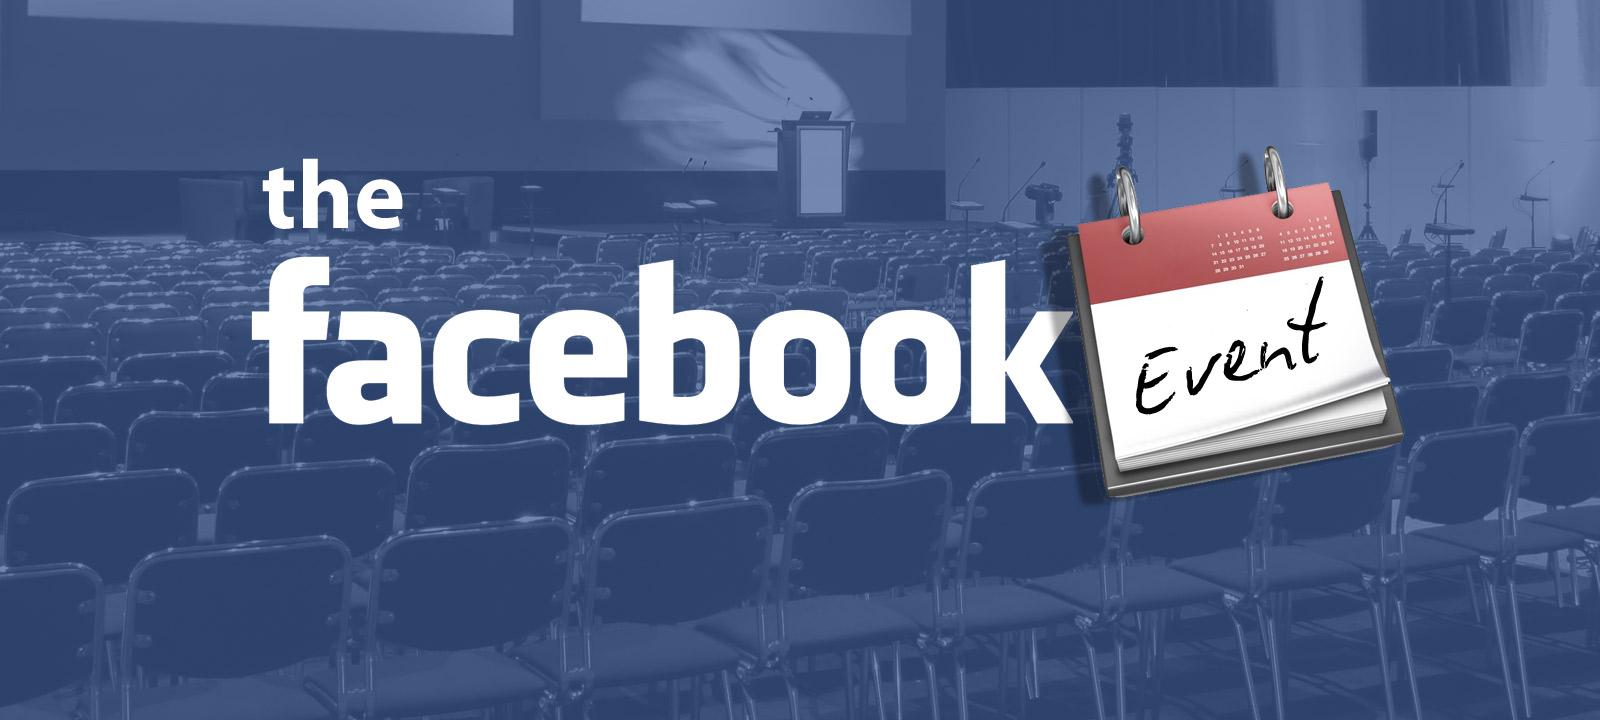 Mạng xã hội Facebook là một kênh tổ chức sự kiện hữu hiệu